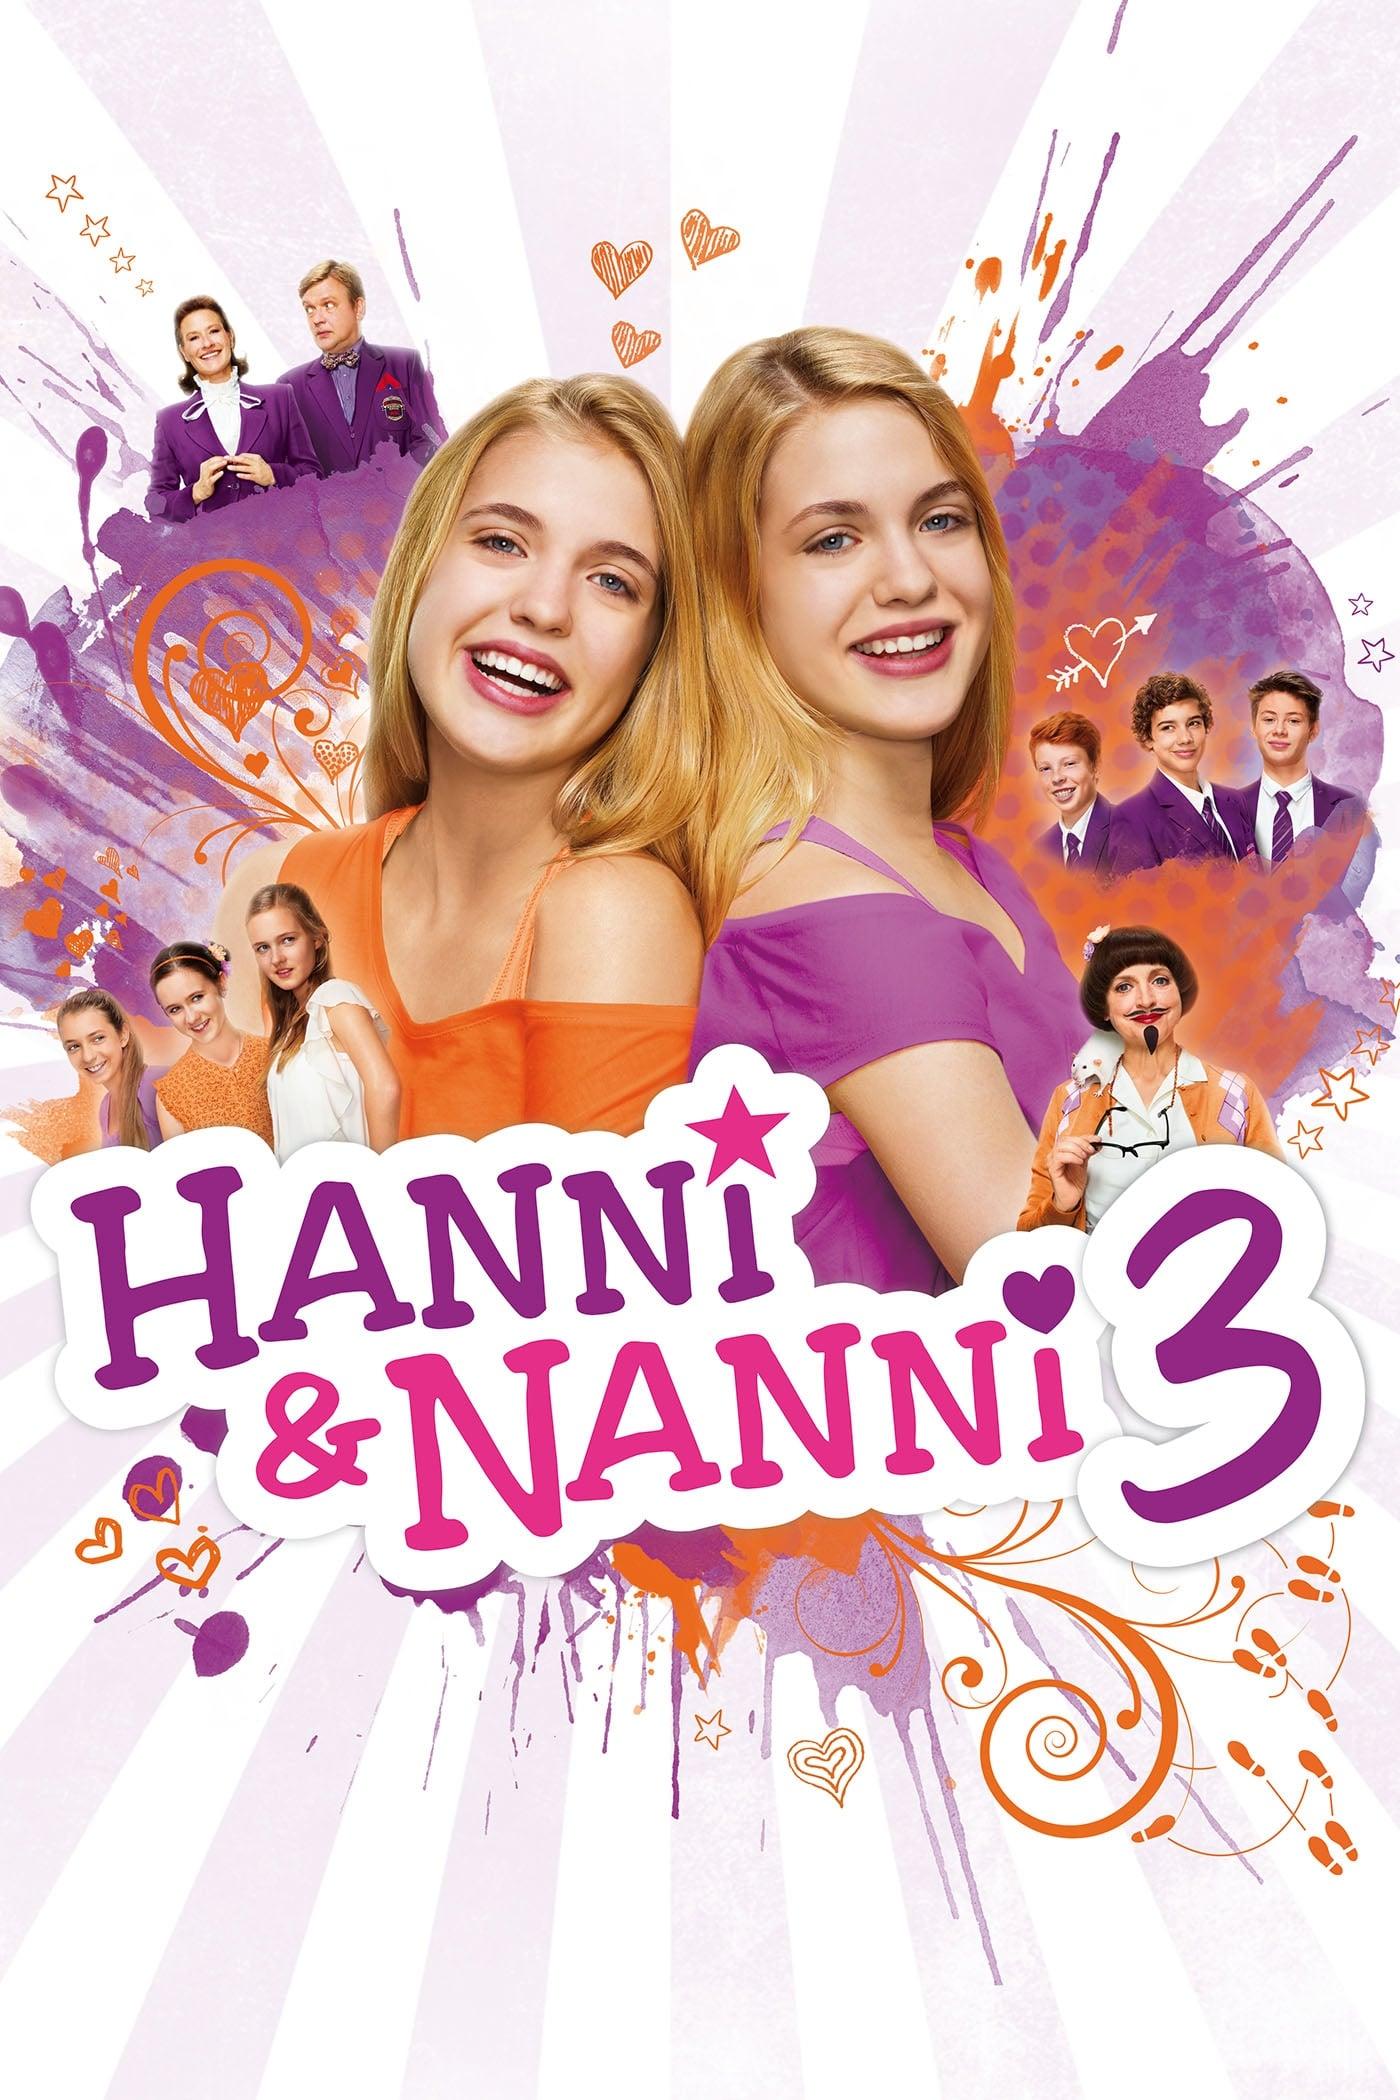 Hanni Und Nanni 2 Ganzer Film Deutsch Kostenlos Anschauen